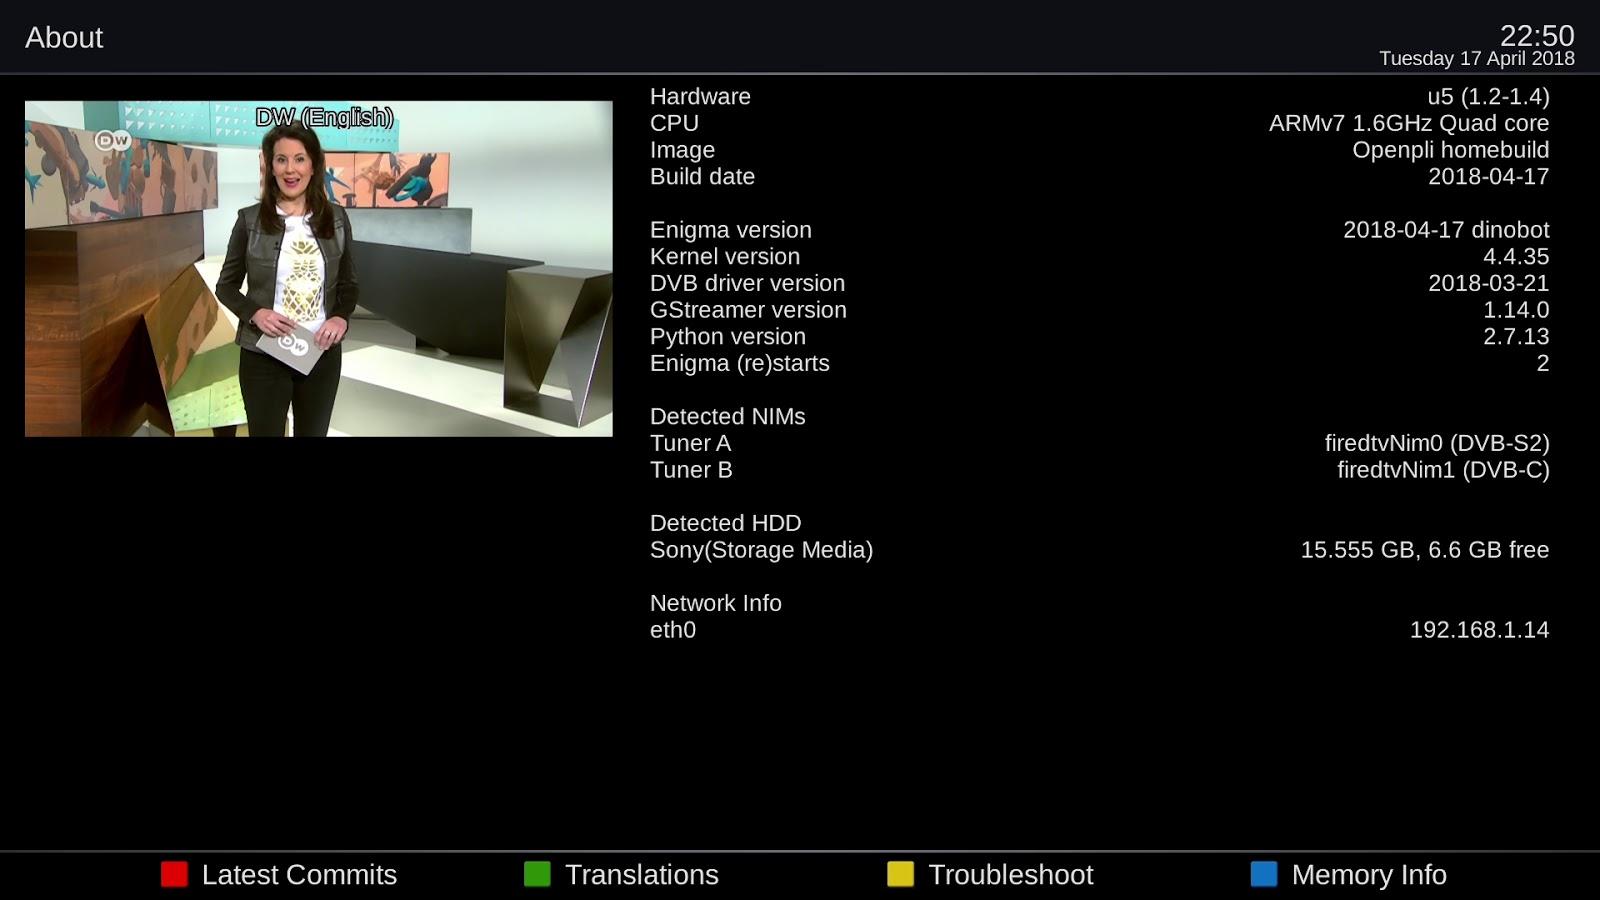 OpenPLi 6 2 Homebuild Dinobot4K